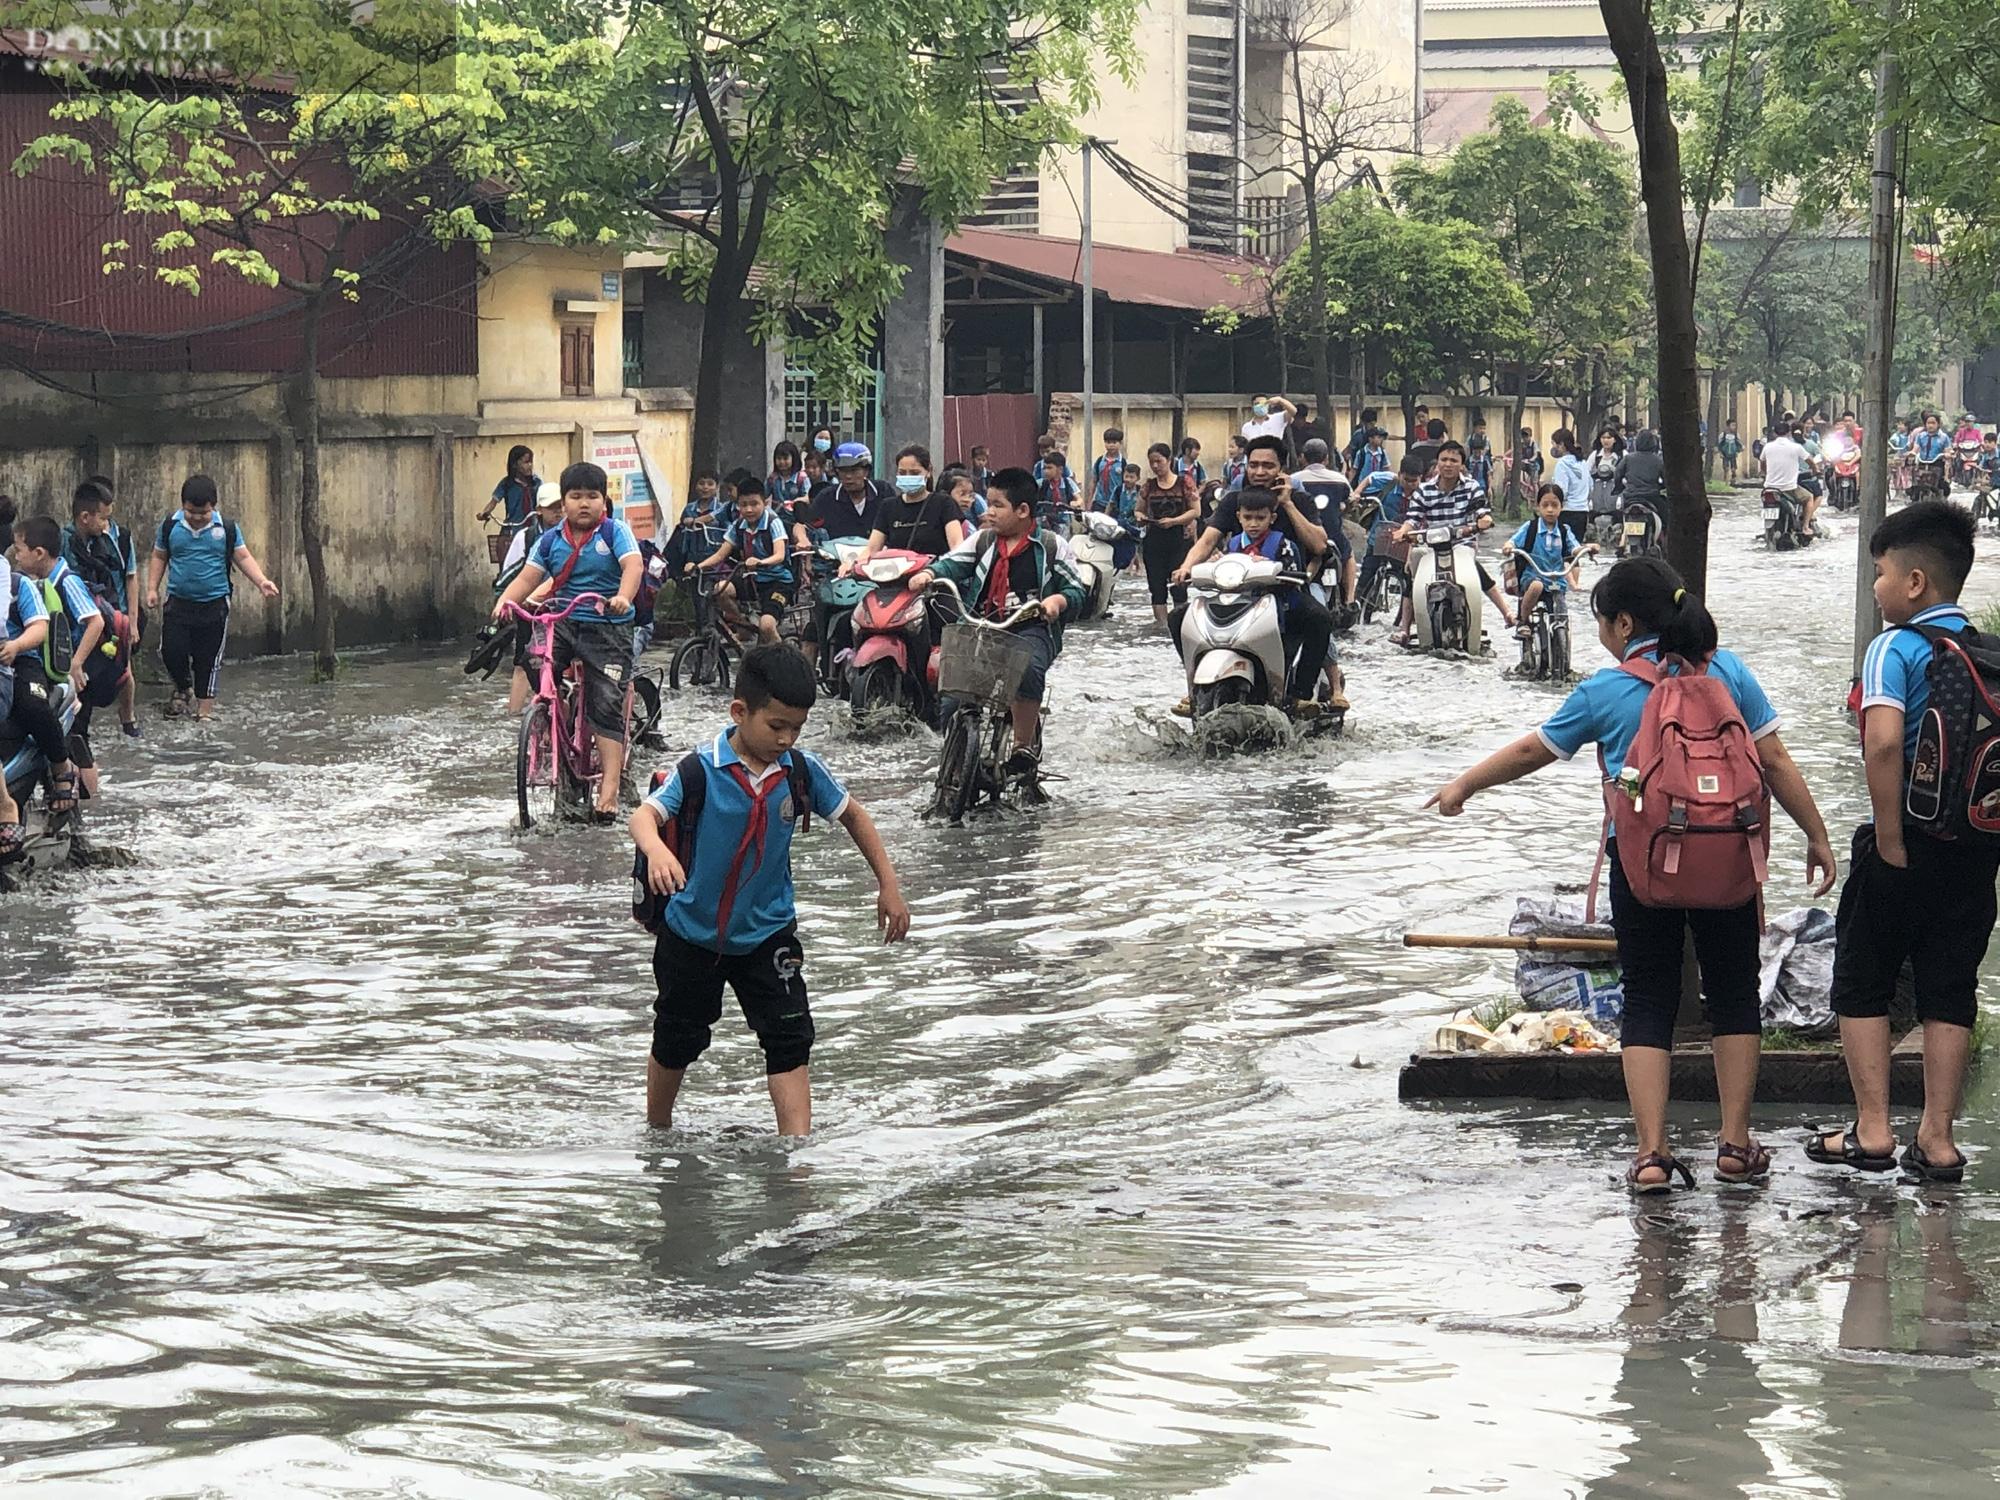 Bắc Ninh: Rùng mình trước cảnh học sinh chân trần lội nước thải bùn đen hôi thối ở làng giấy Phong Khê  - Ảnh 3.